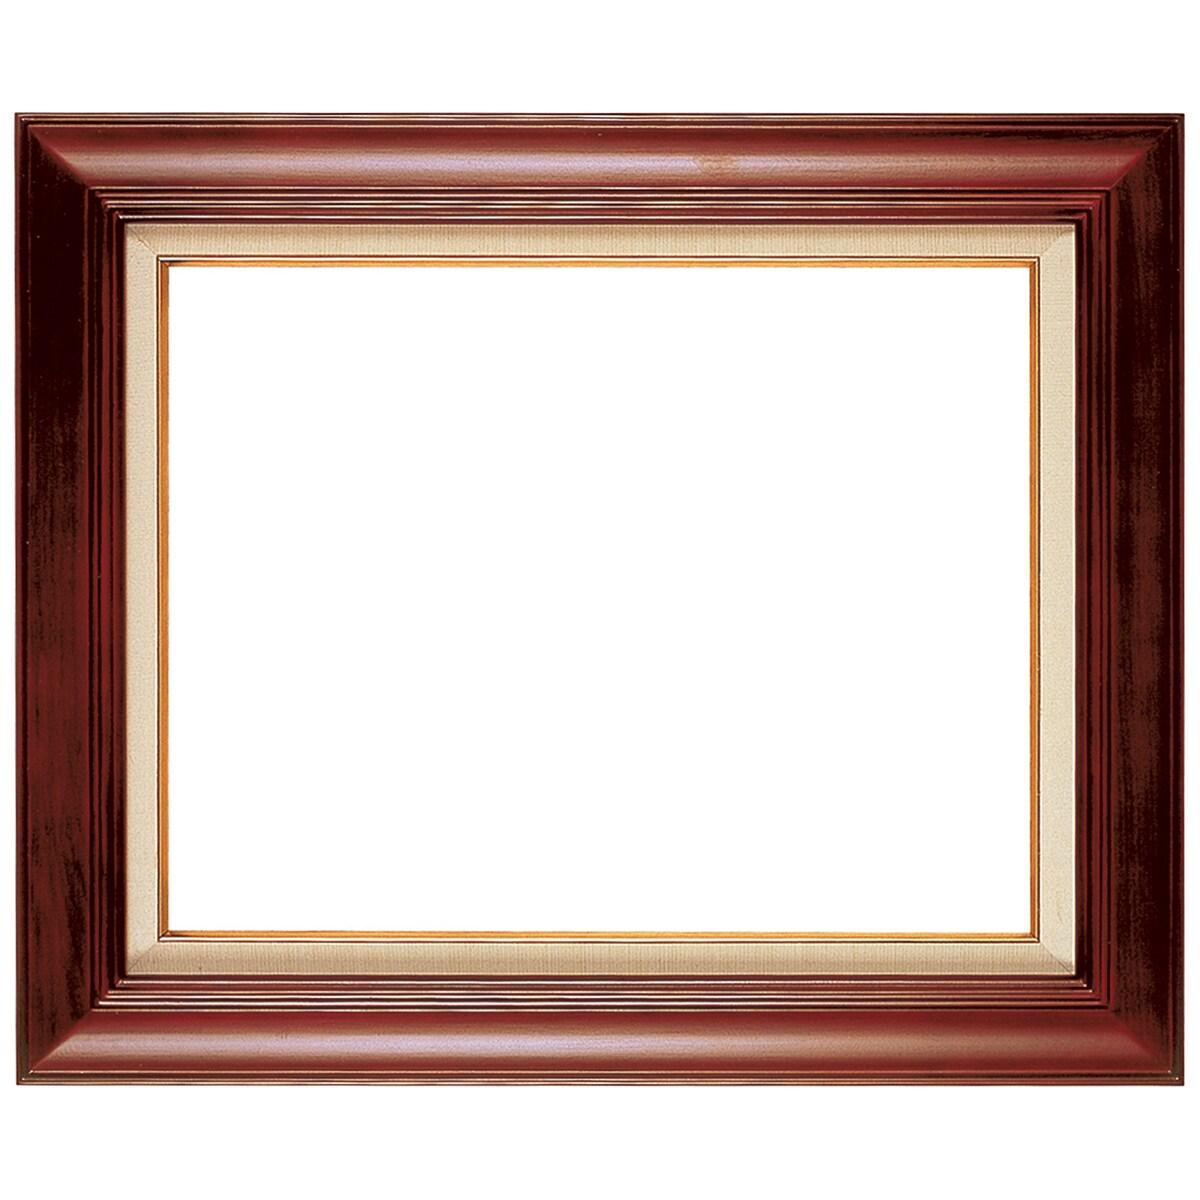 【大型便・時間指定不可】ラーソン・ジュール 油絵用額縁 A826 F20 オーク